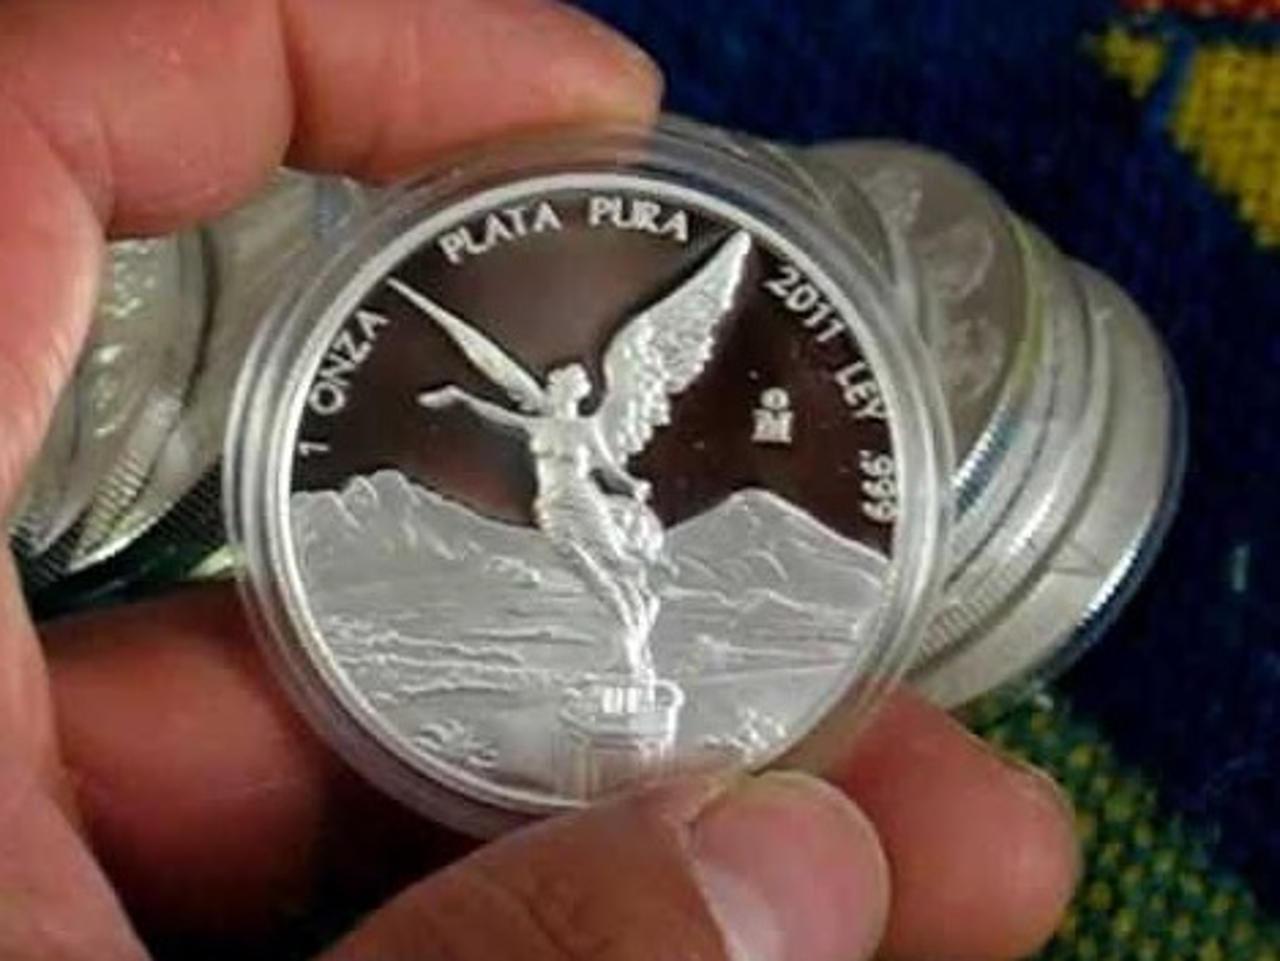 Demanda de onzas de plata libertad se mantiene fuerte forbes m xico - Cuberterias de plata precios ...